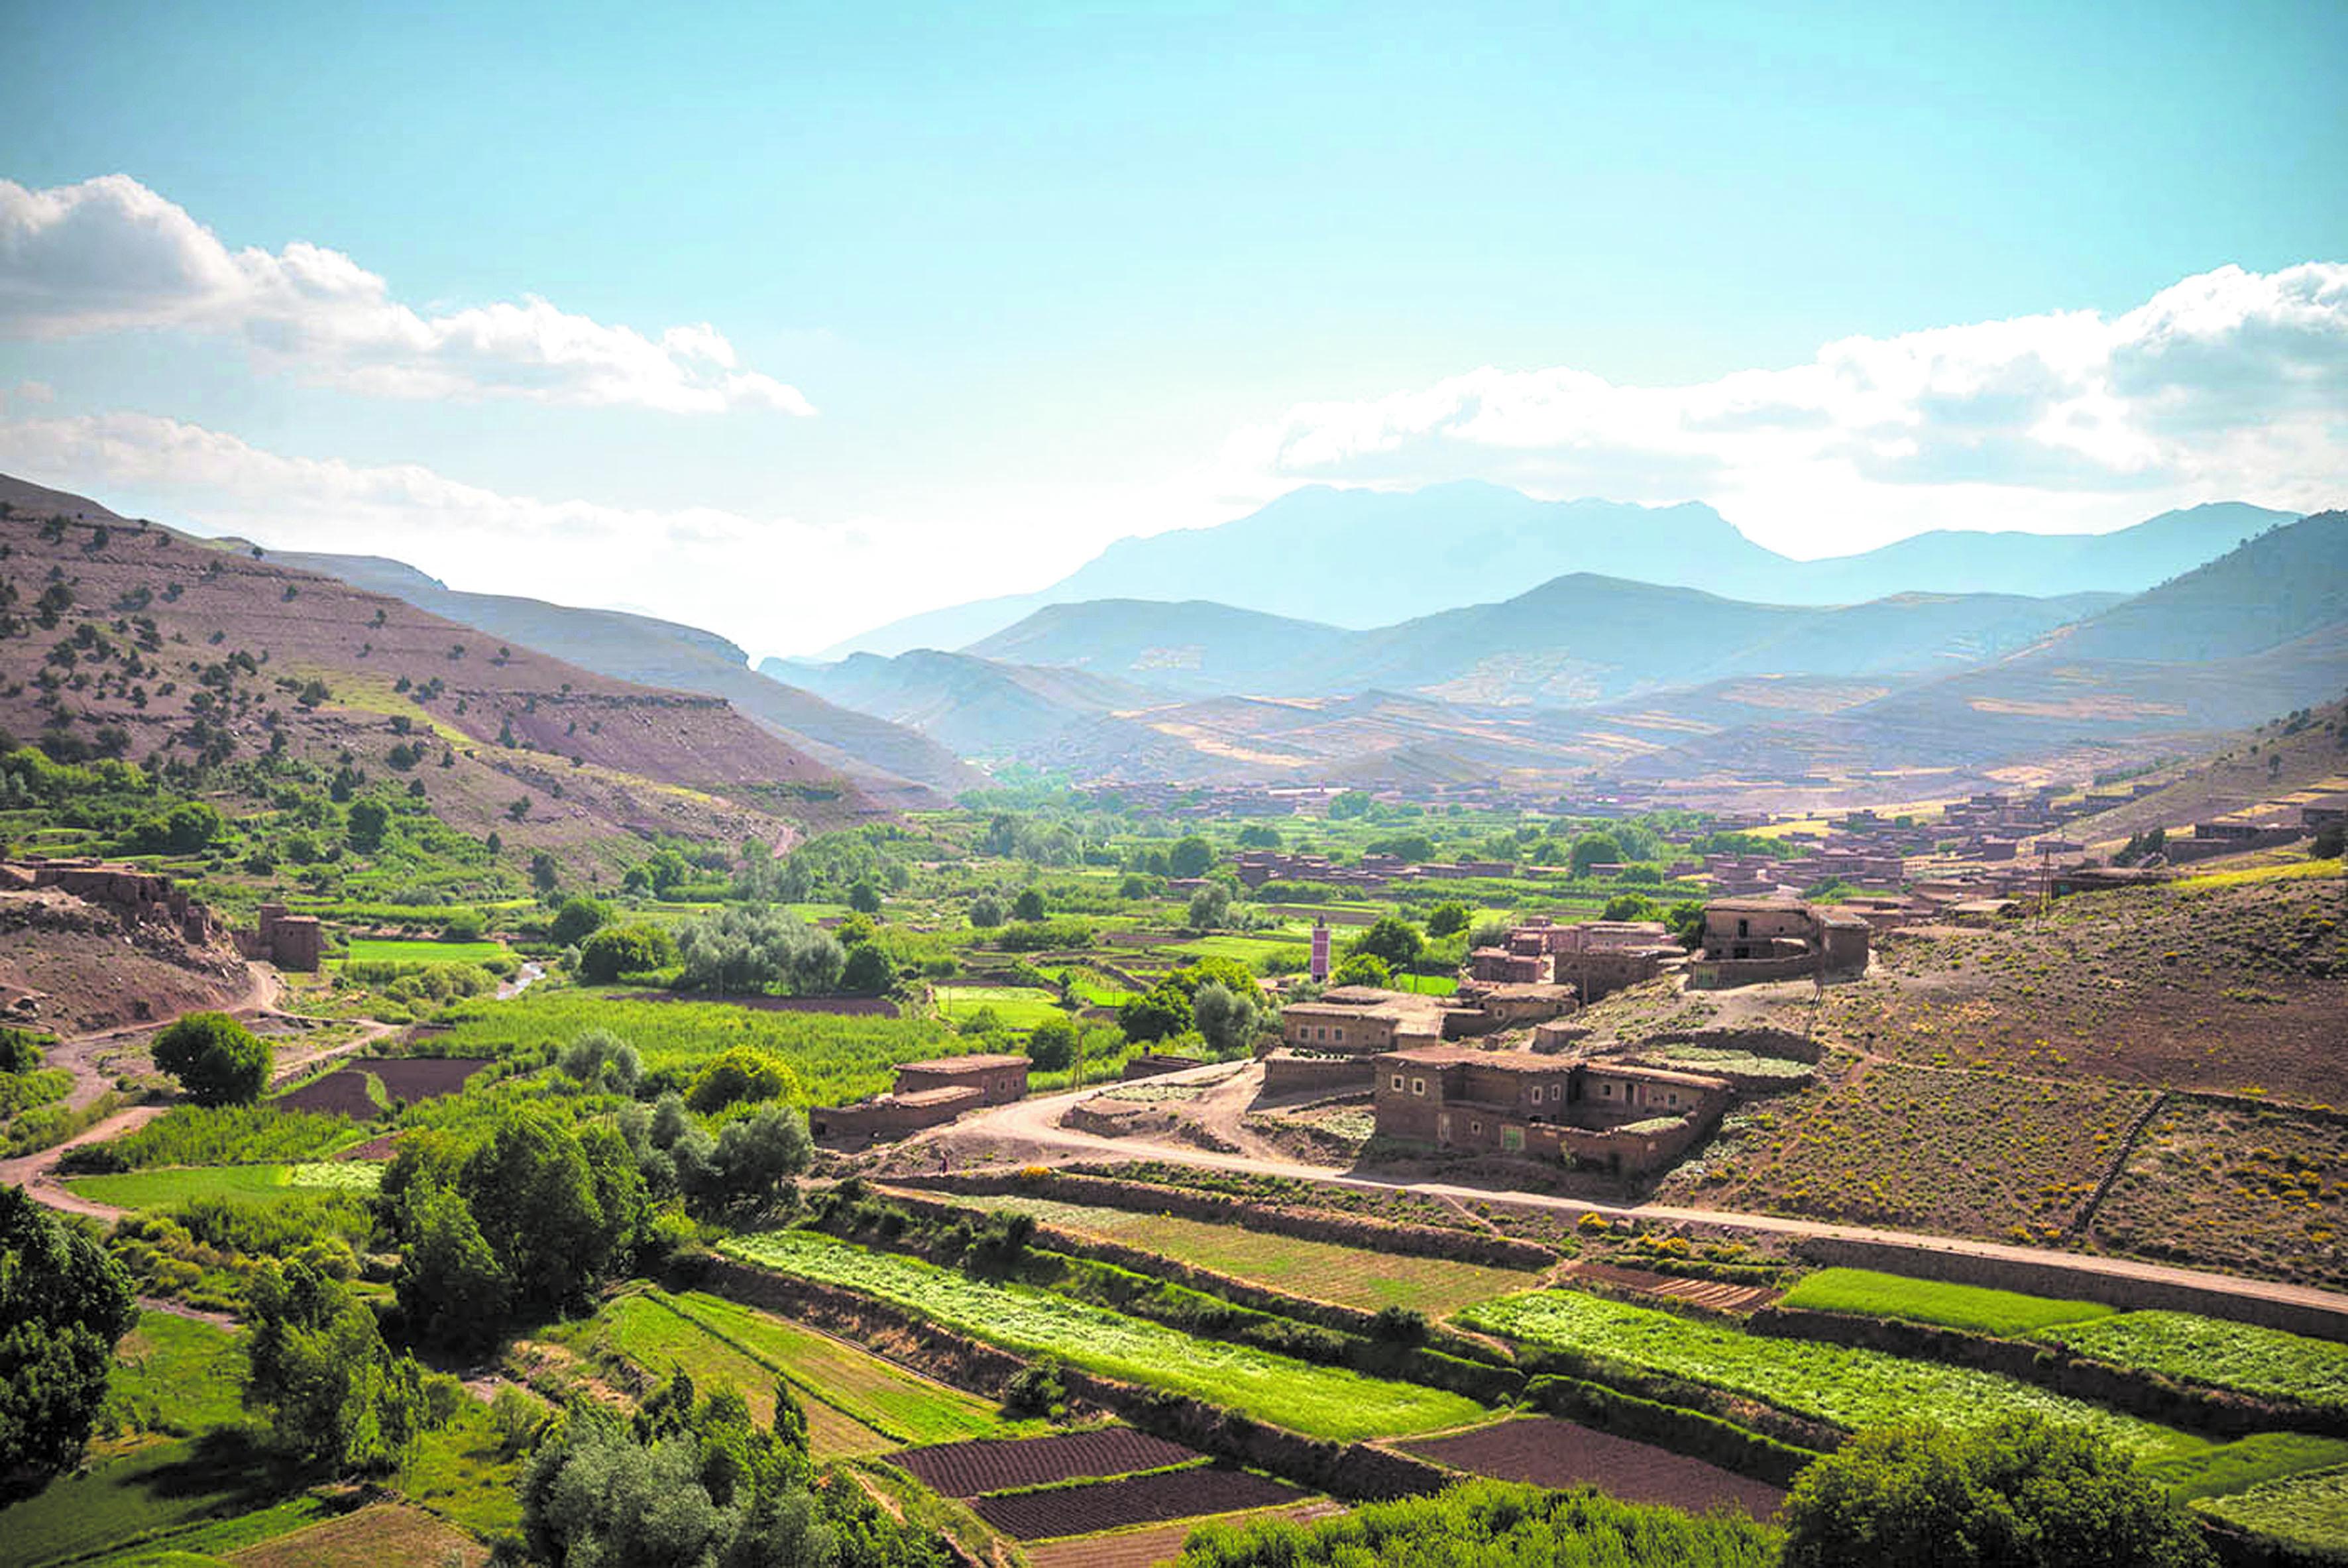 Une Coalition civile braque les projecteurs sur le droit de la montagne au développement